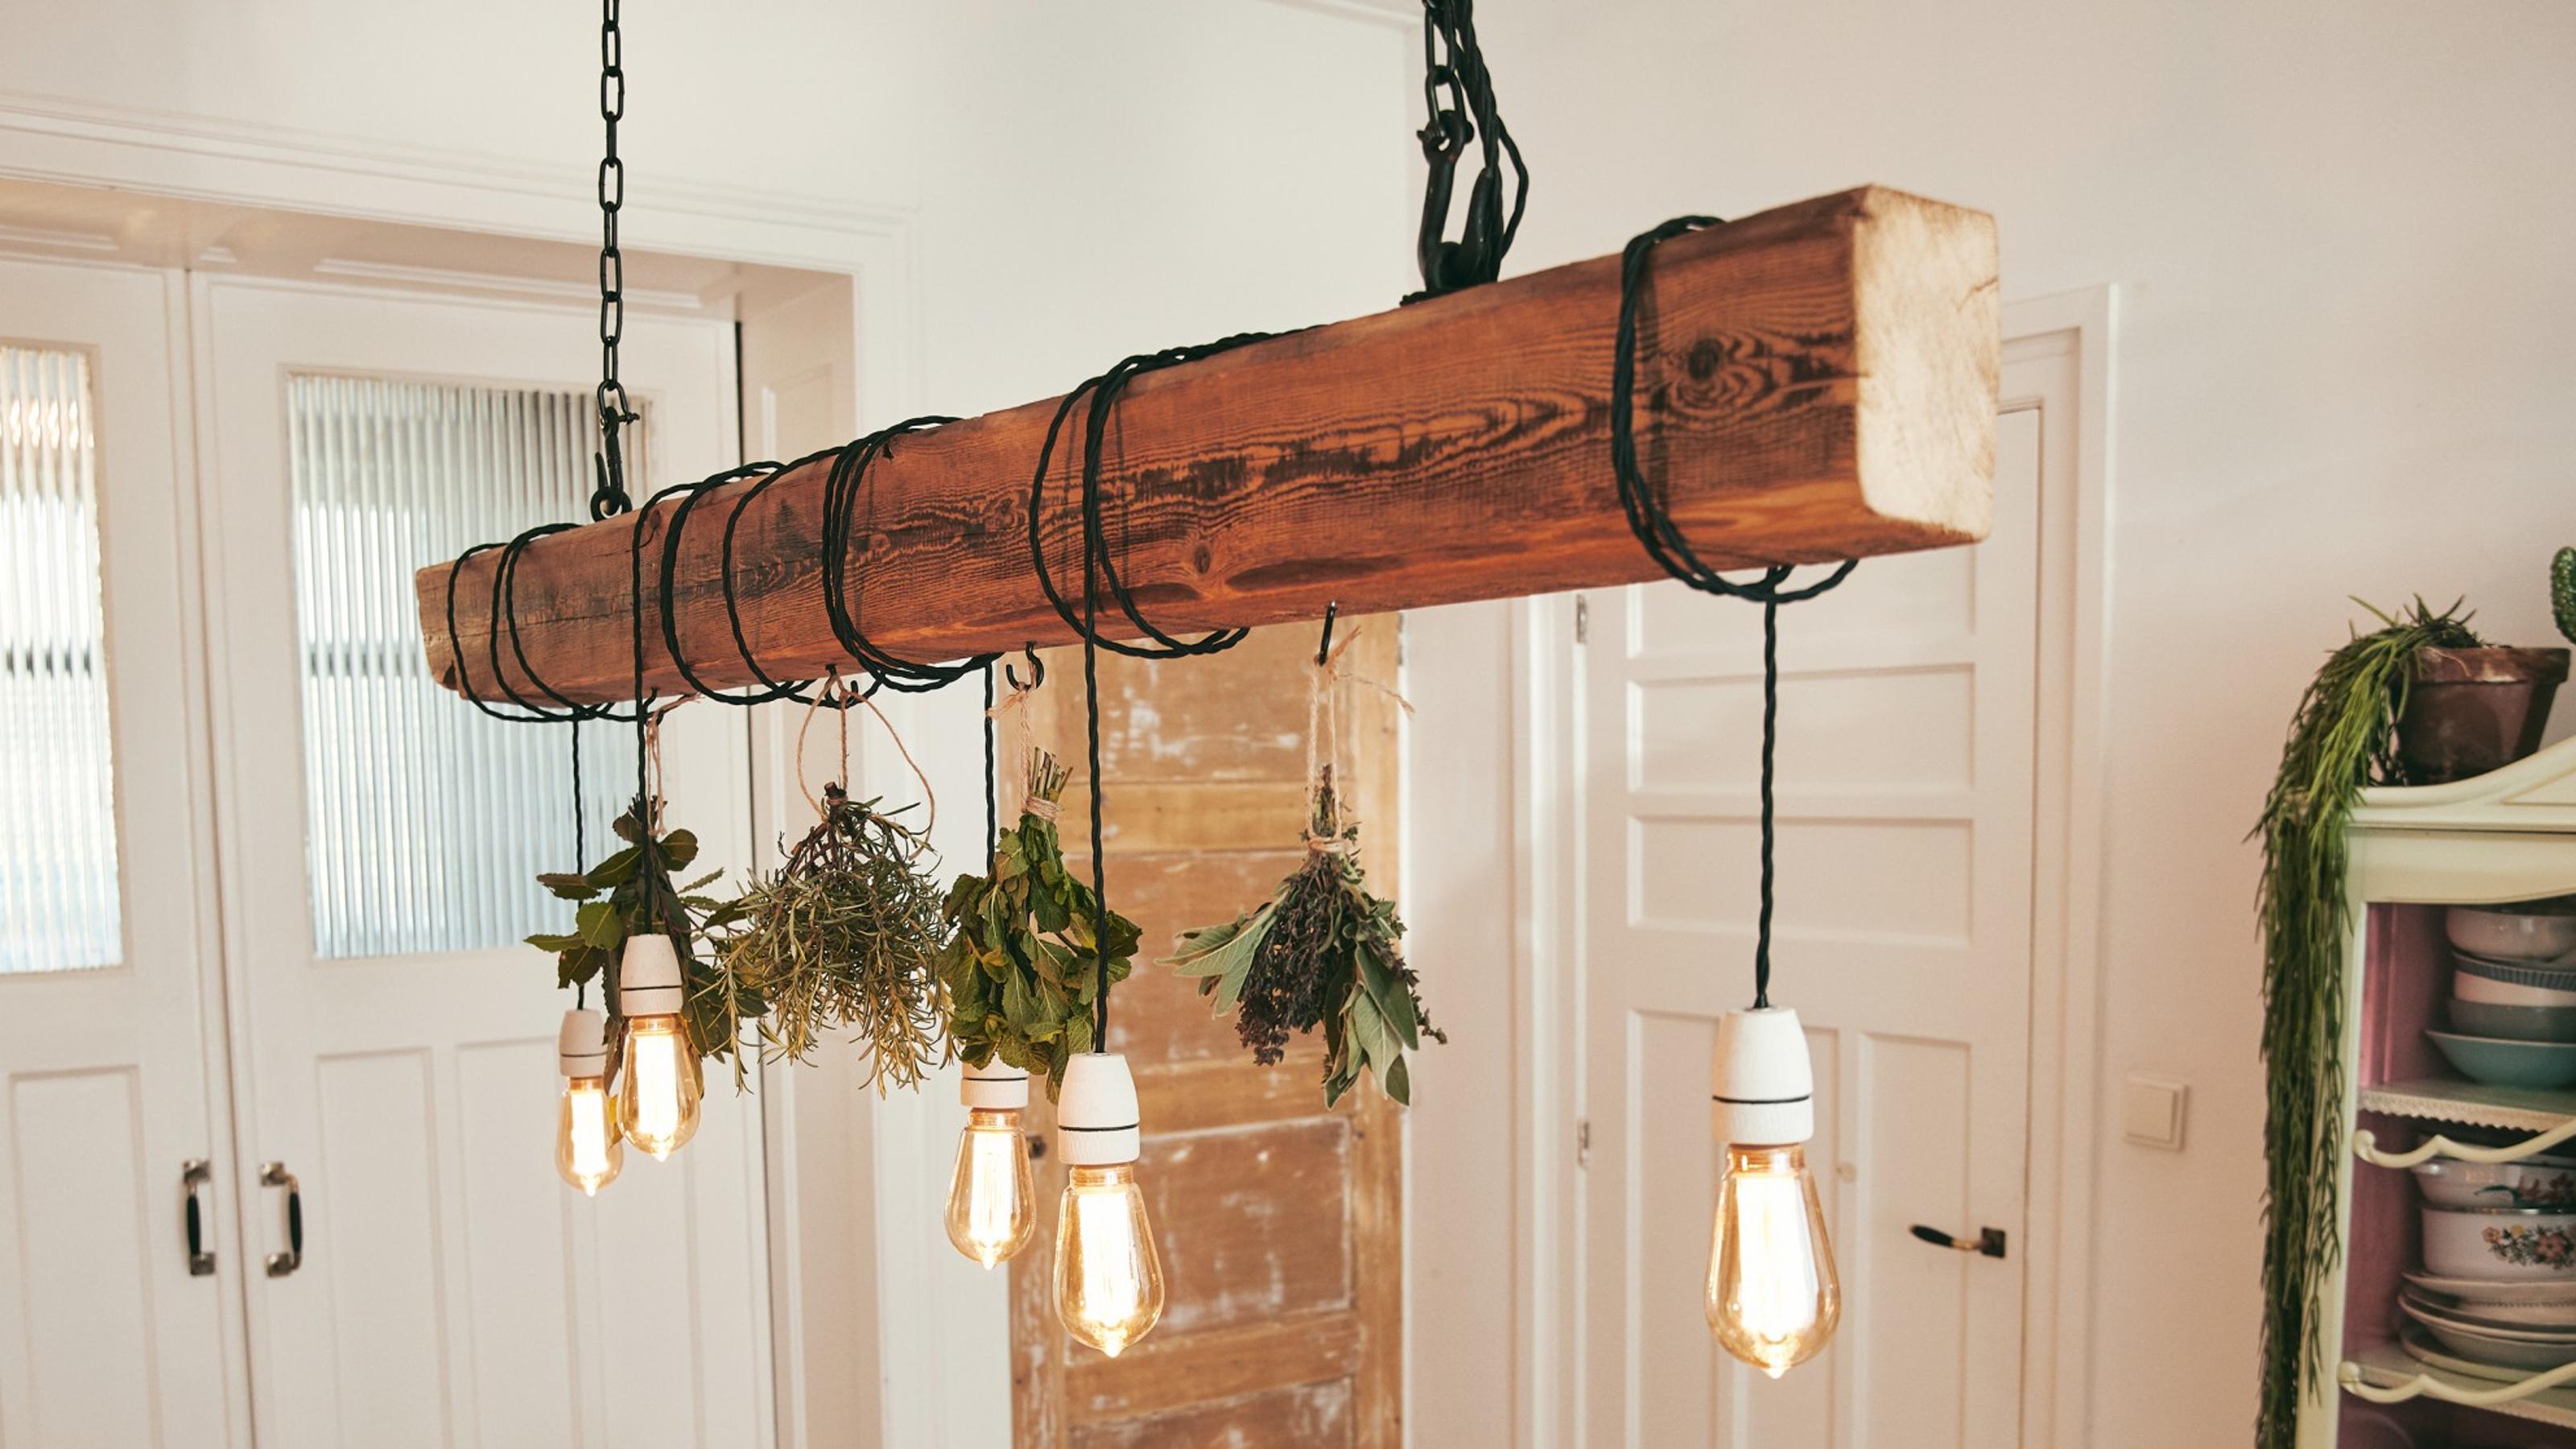 Deckenlampe Zum Selber Bauen Dieser Holzbalken Sorgt Fur Licht Auf Dem Esstisch Bosch Diy